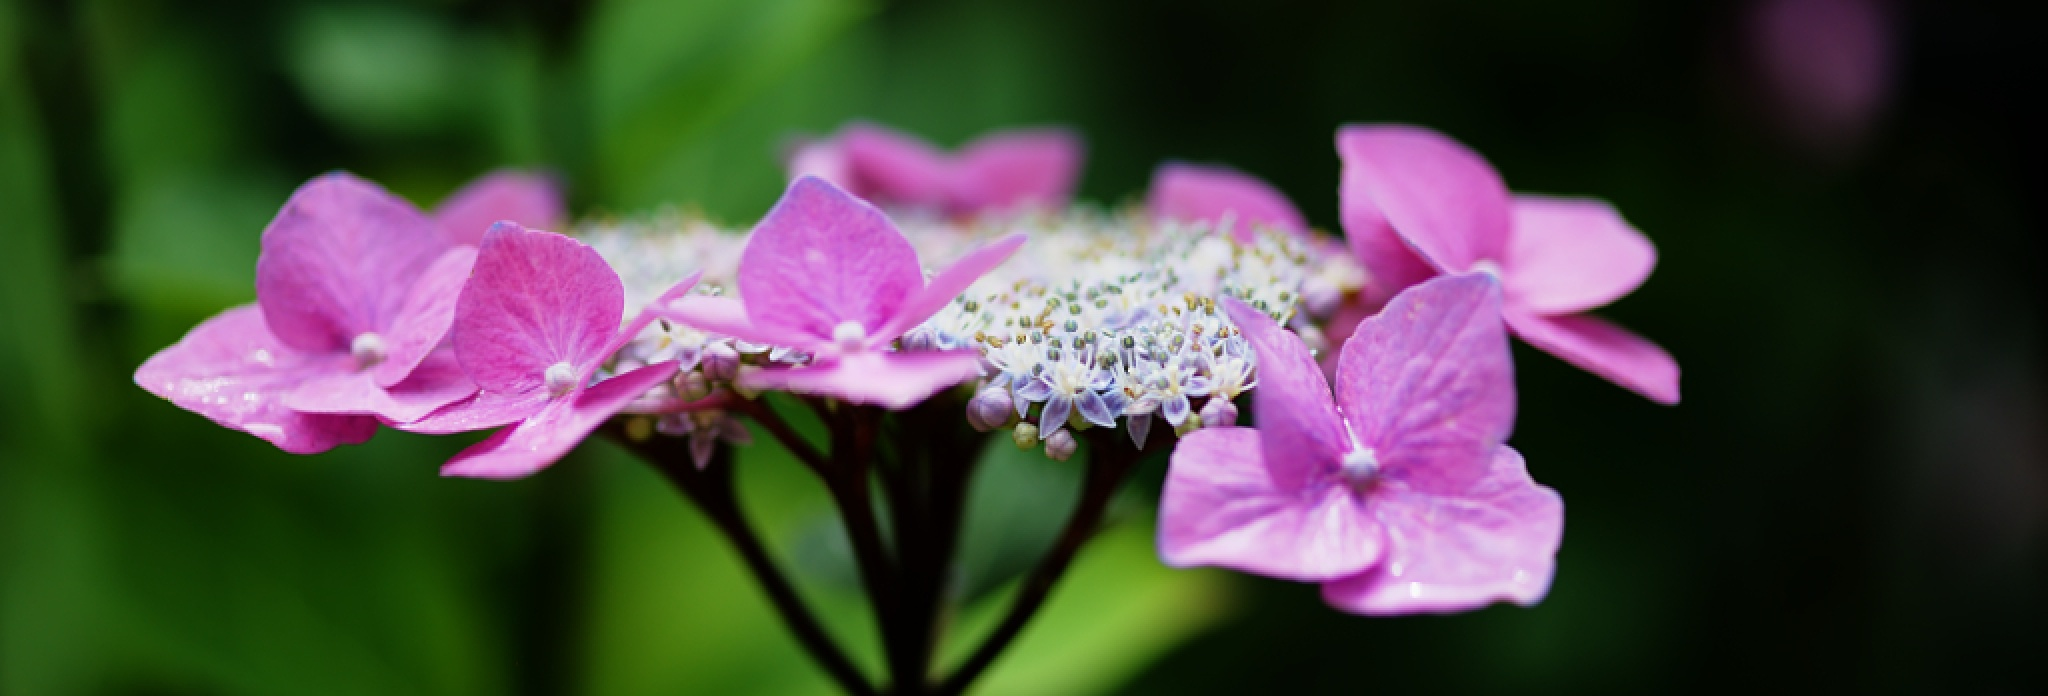 Hortensienblüte by Stephan Winkler